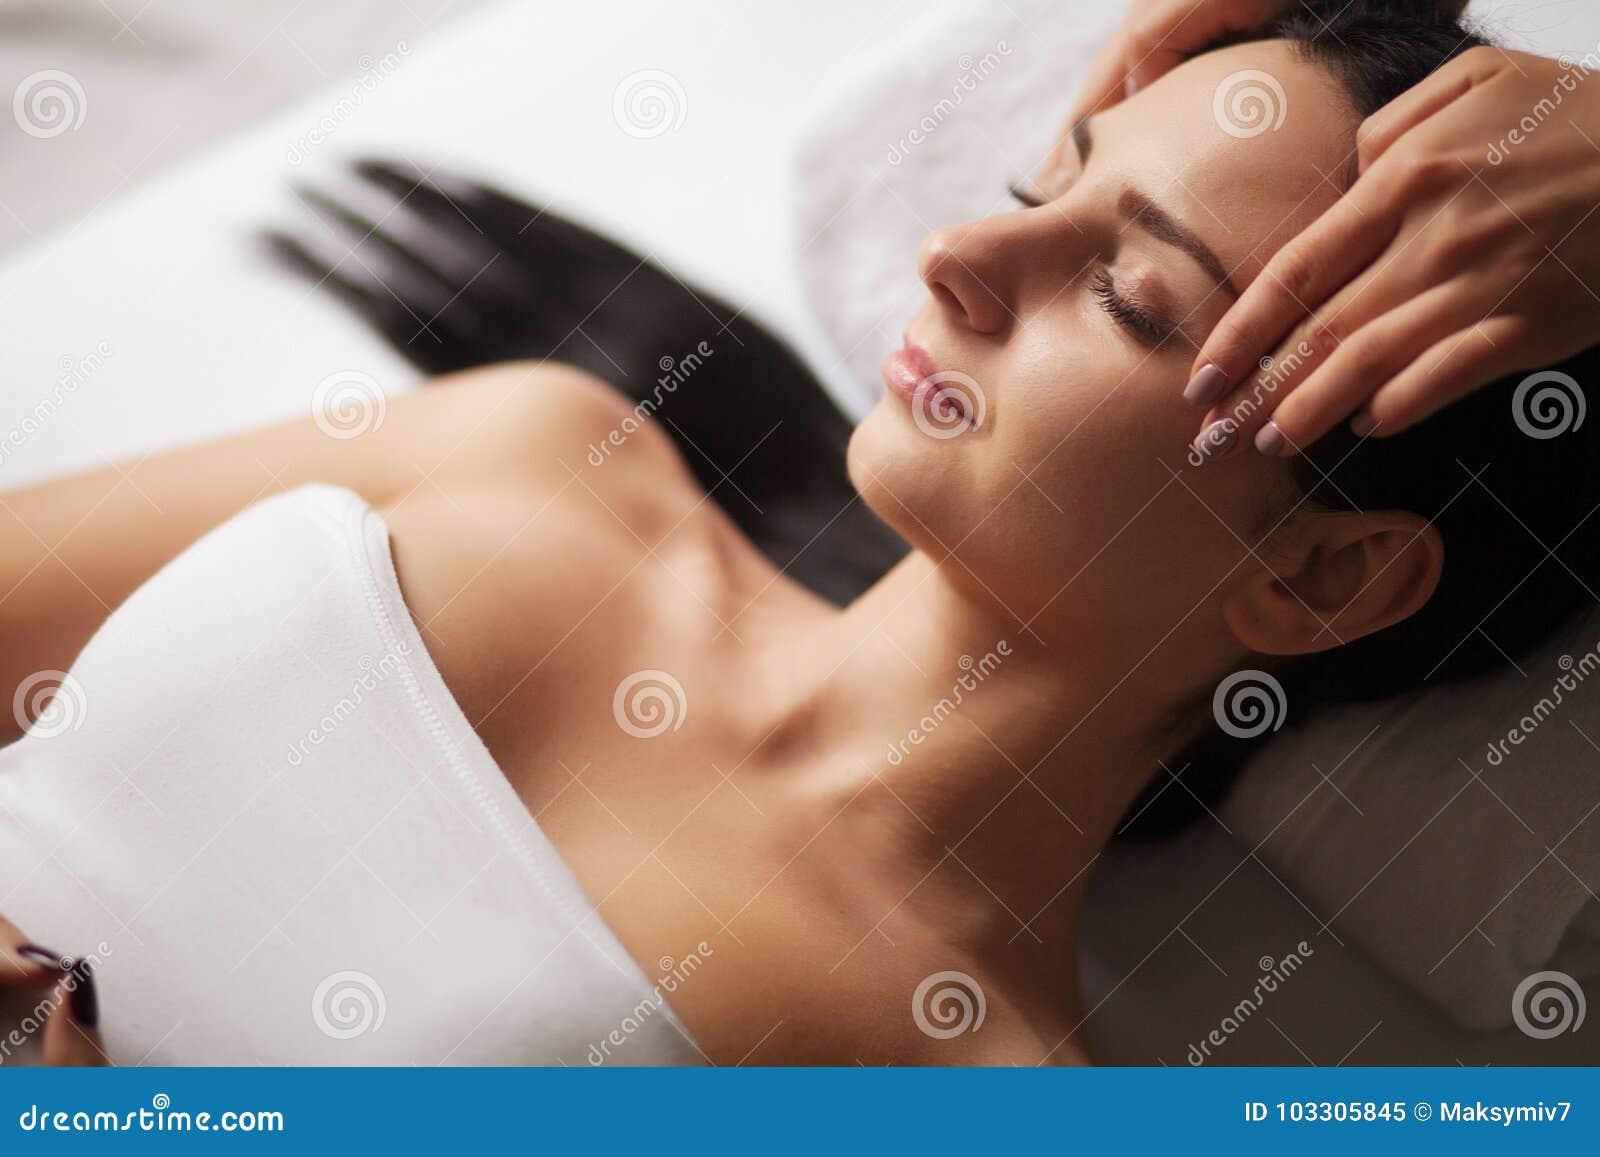 Massagem de cara dos termas Tratamento facial Salão de beleza dos termas terapia